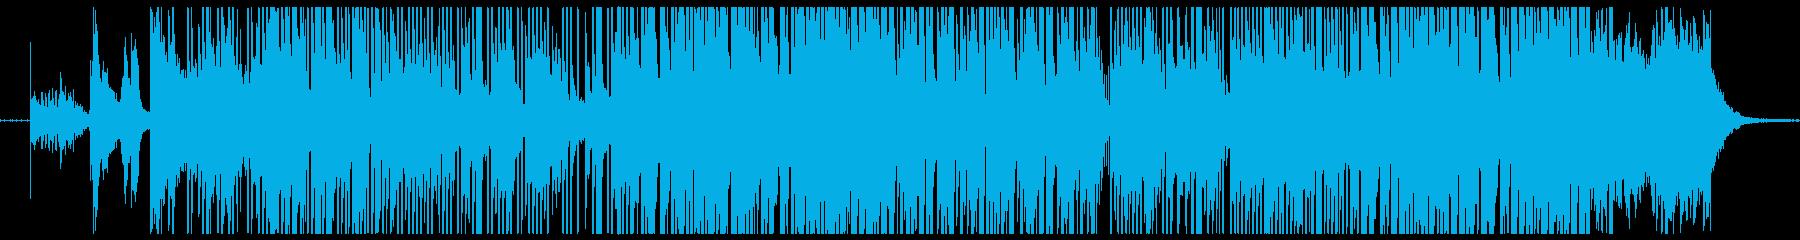 中華 古風 アンビエント さわやか...の再生済みの波形